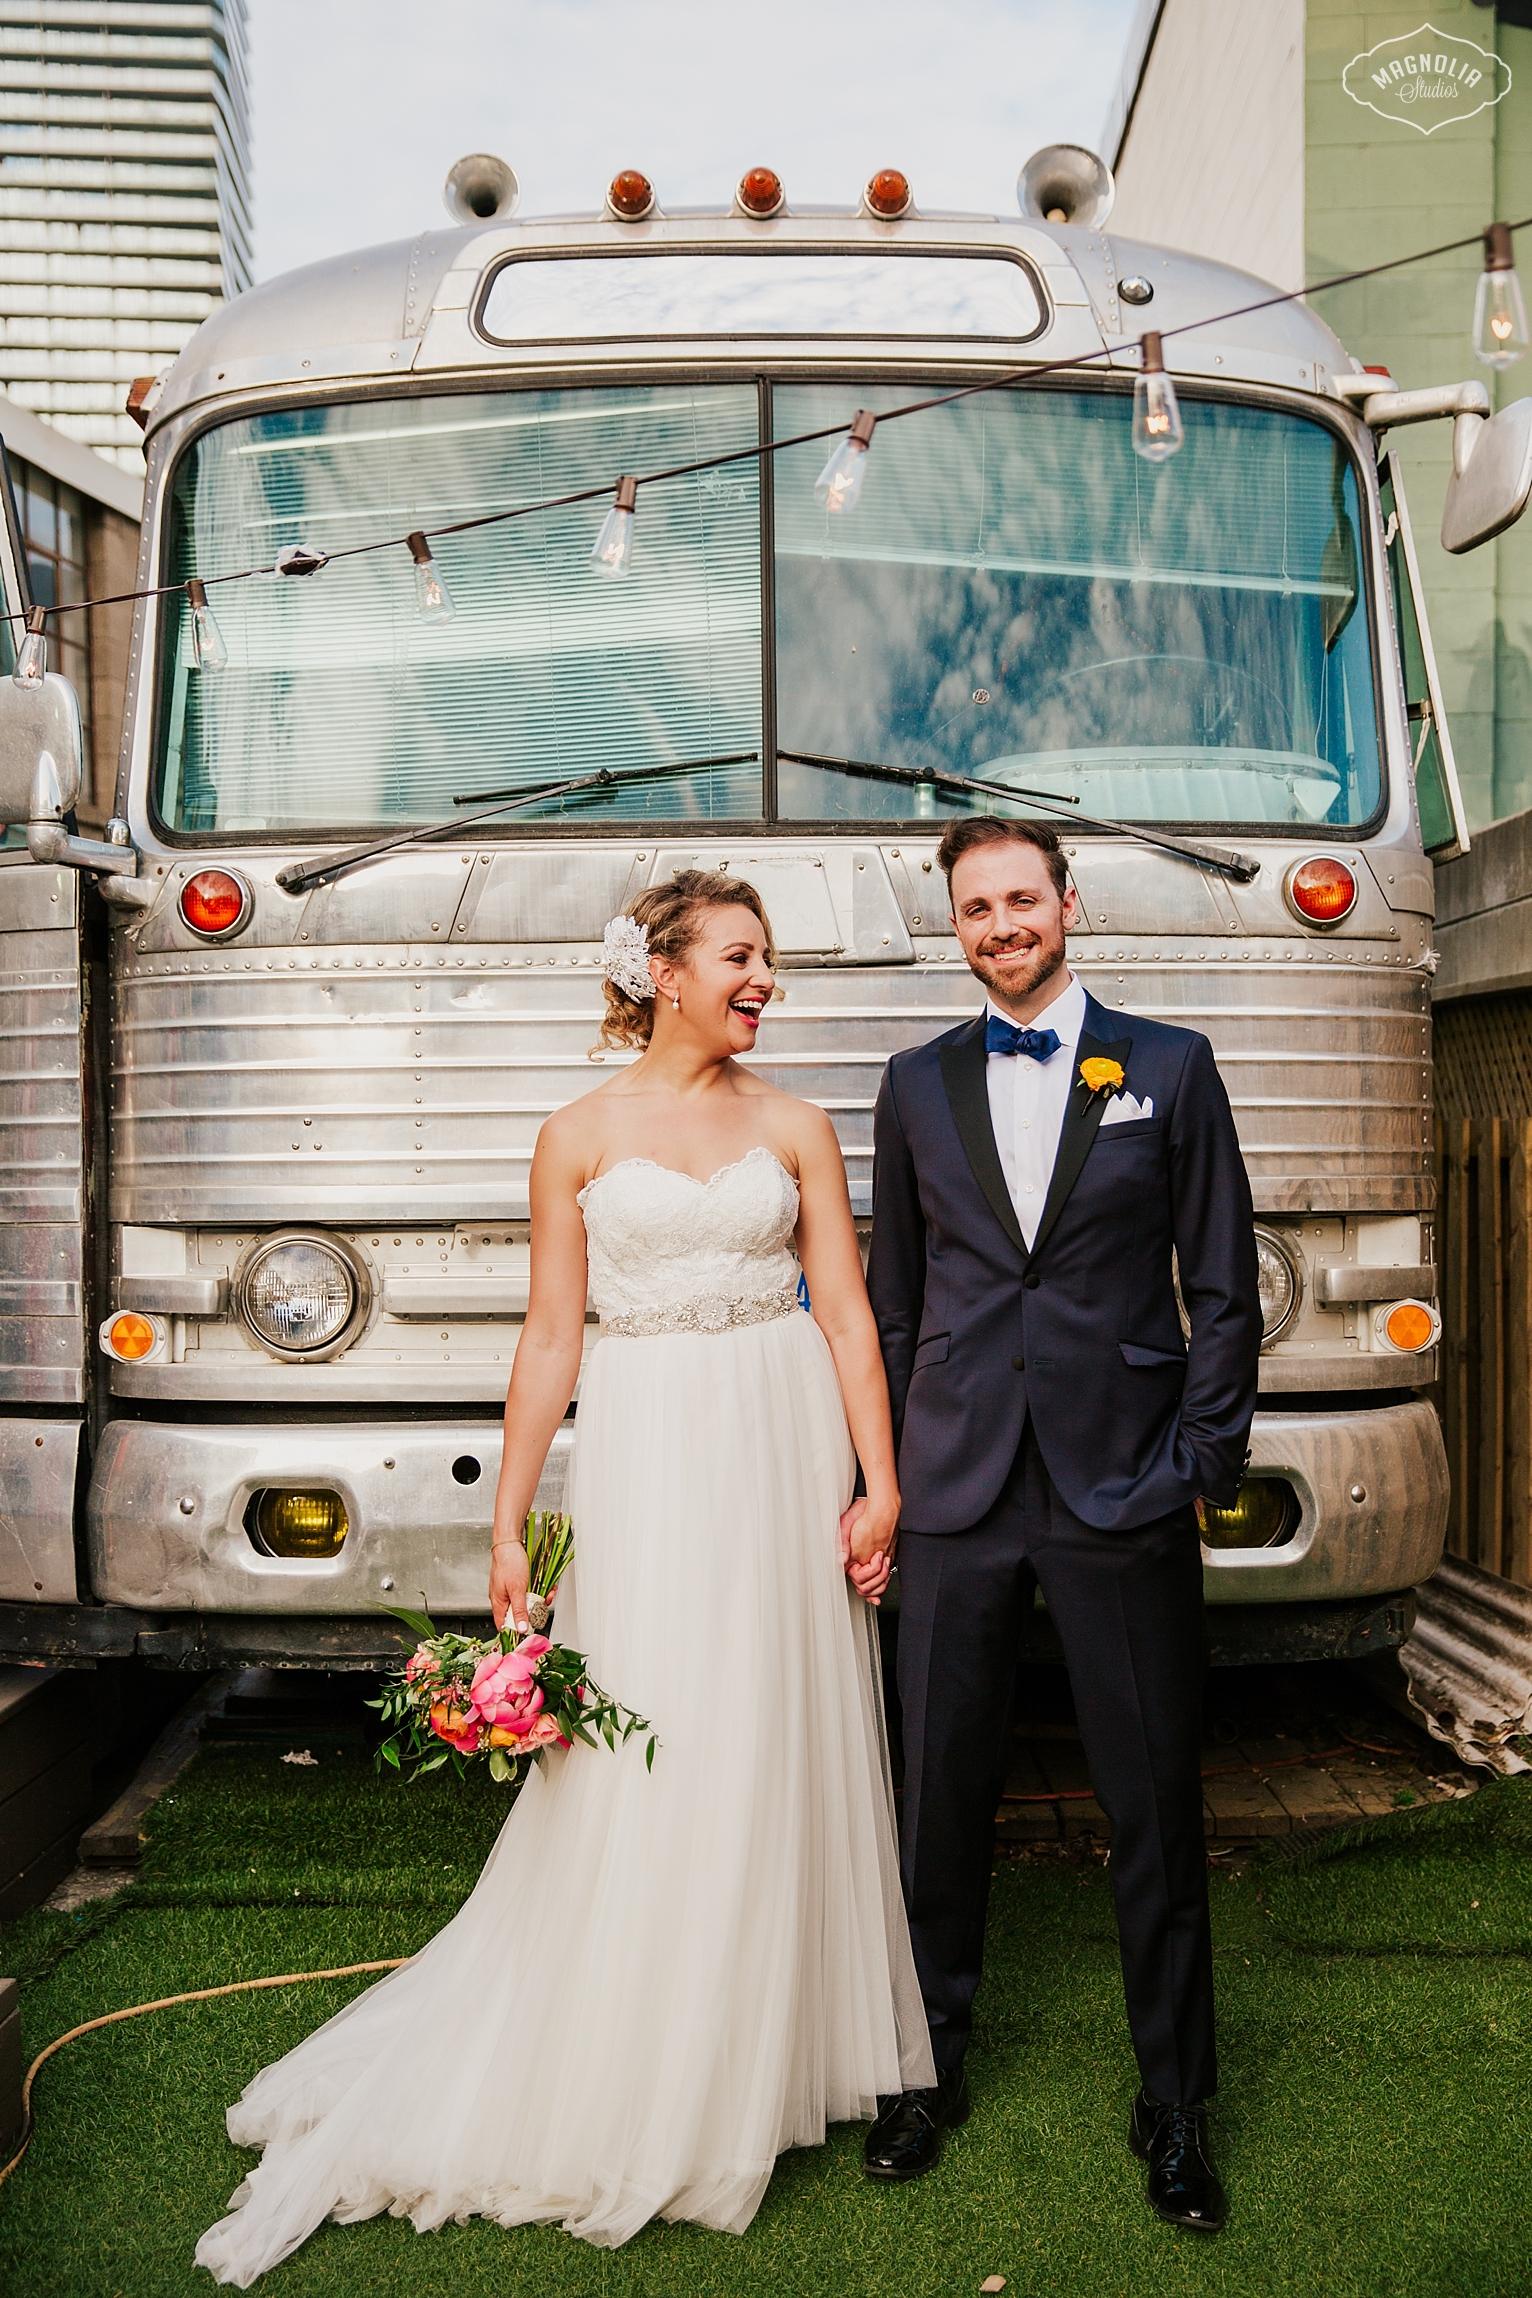 Unique wedding venue Toronto